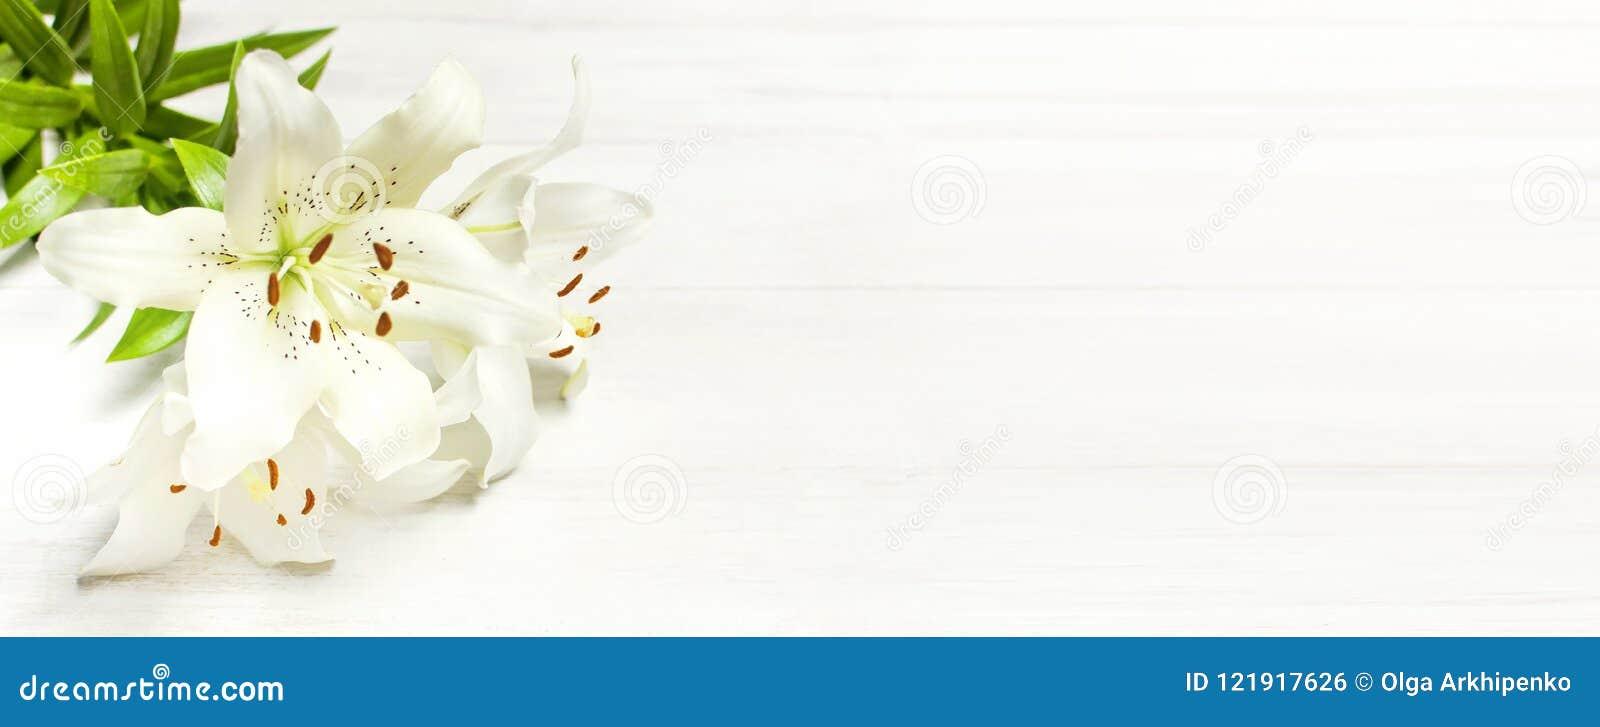 Bukiet białe leluje na białego drewnianego tła odgórnym widoku Kwitnie leluja pięknego bukieta białych kwiaty